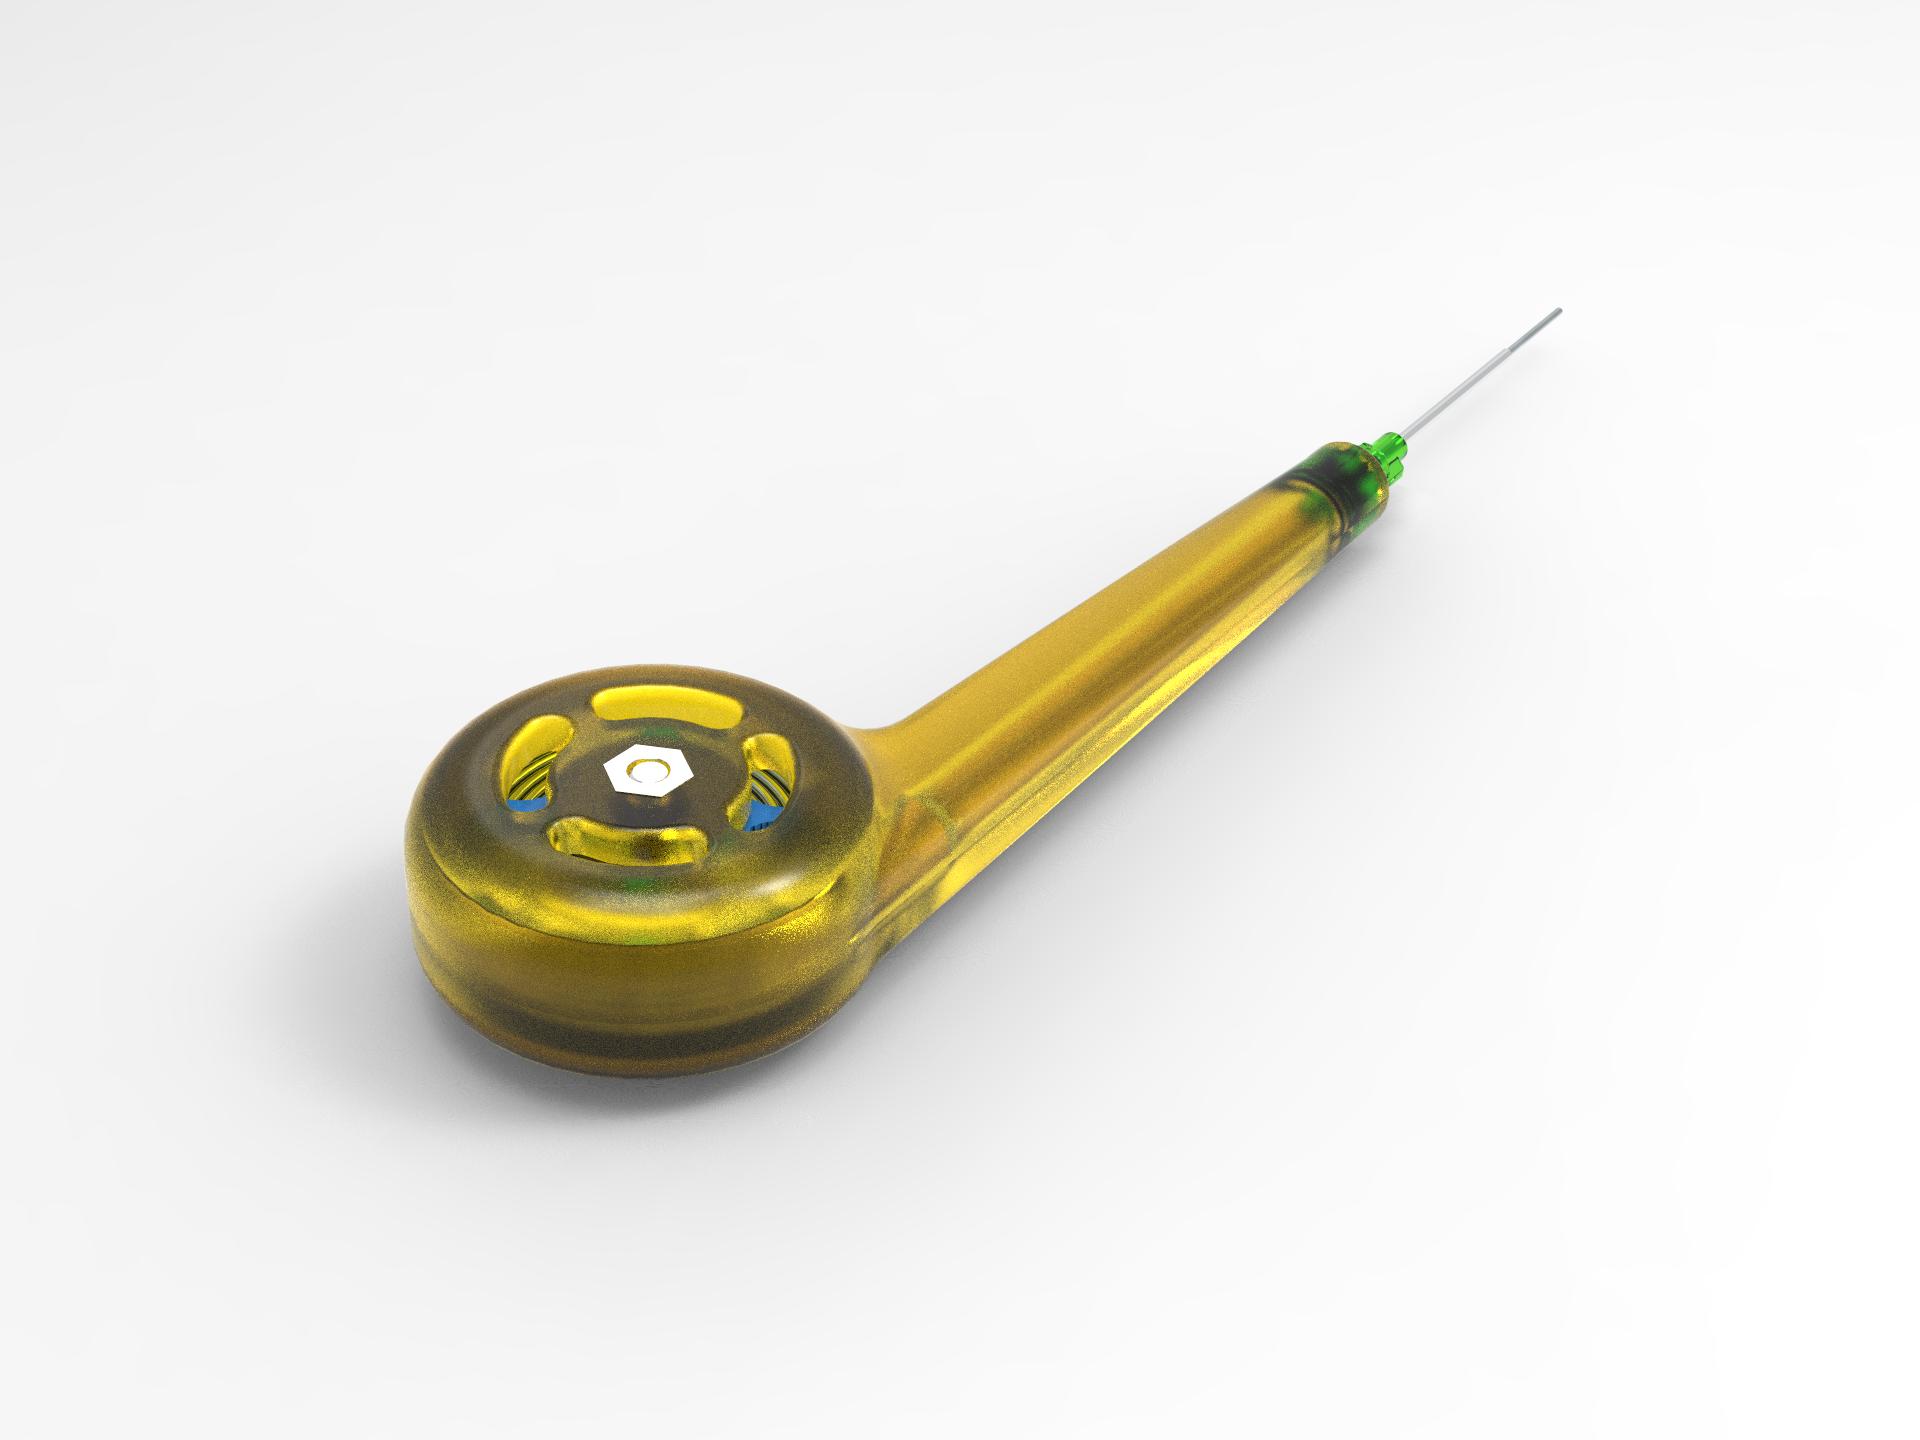 untitled.85.png Download free STL file Solder feeder • 3D printable design, Ruvimkub